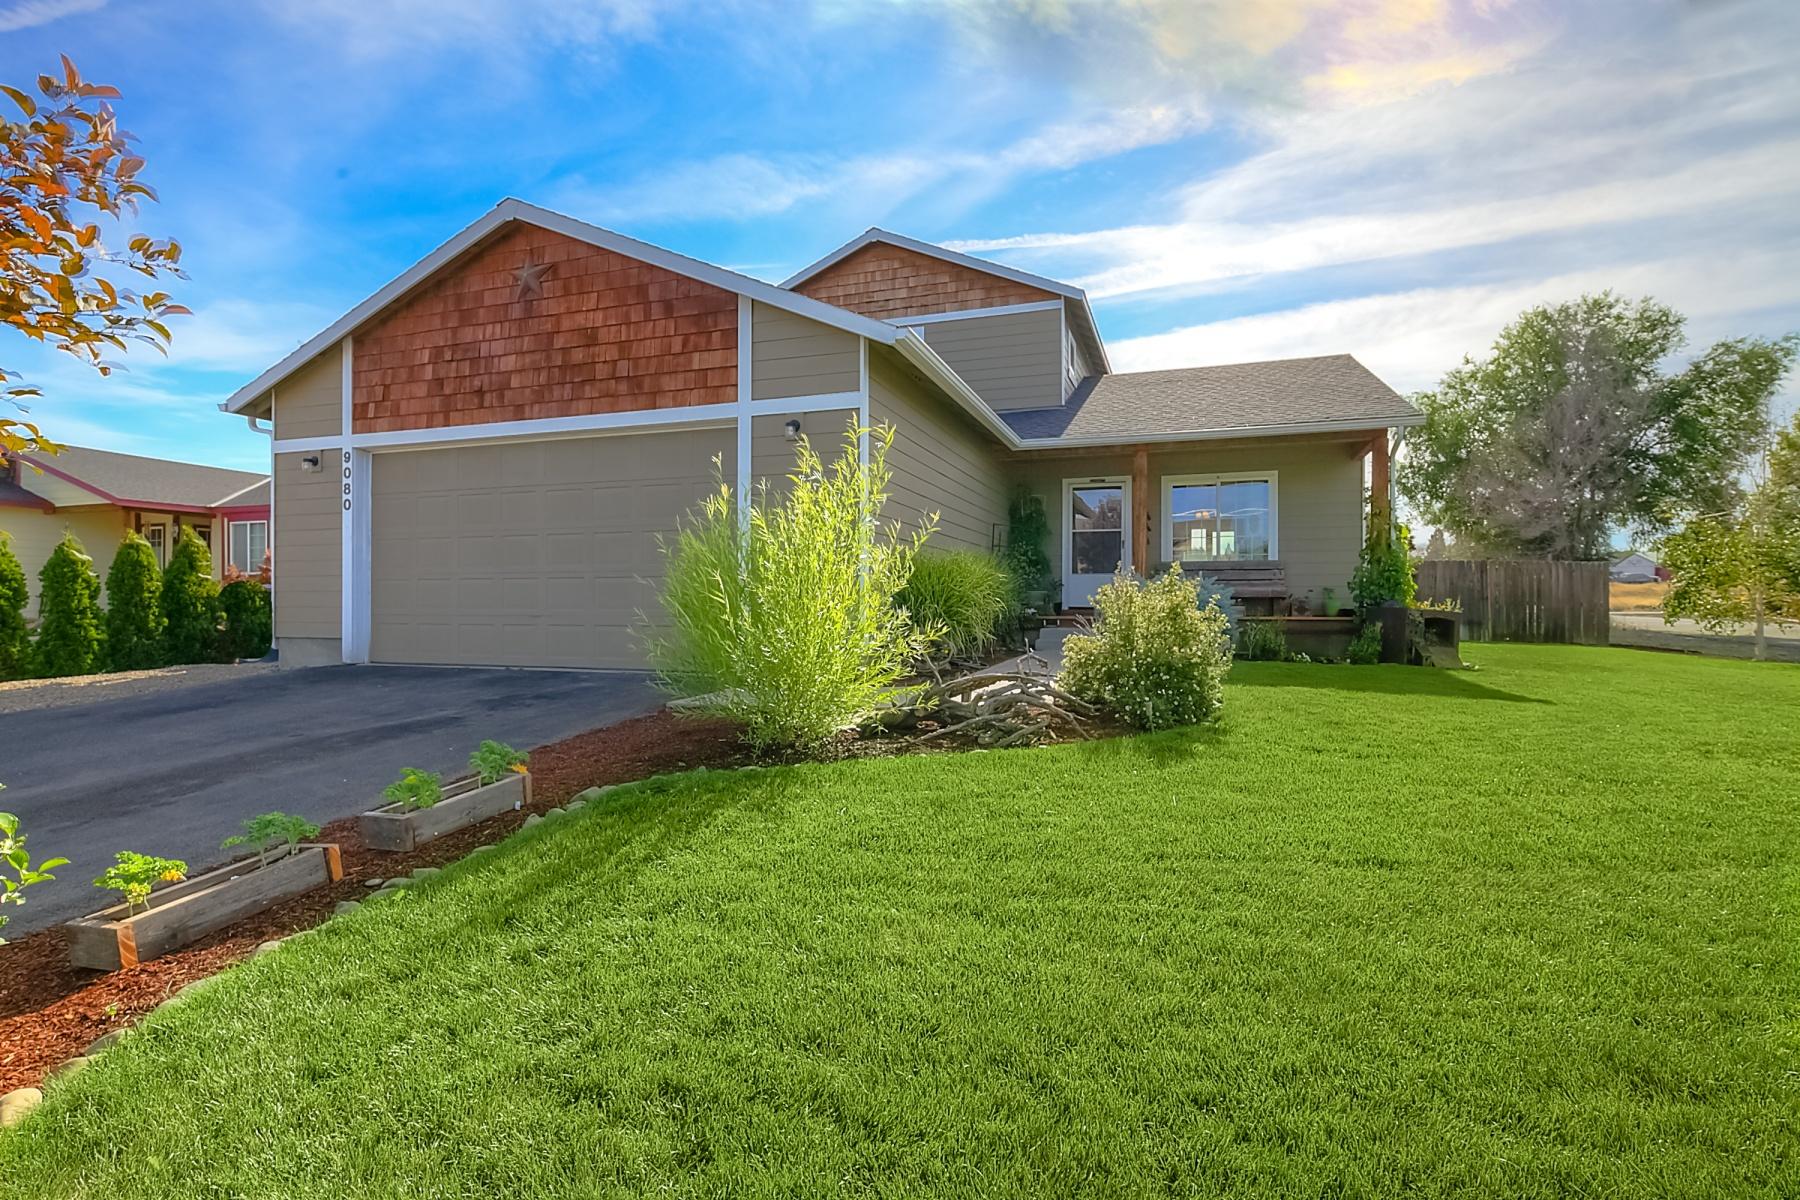 Einfamilienhaus für Verkauf beim Master on the Main in Terrebonne! 9080 Boxwood Ln Terrebonne, Oregon, 97760 Vereinigte Staaten